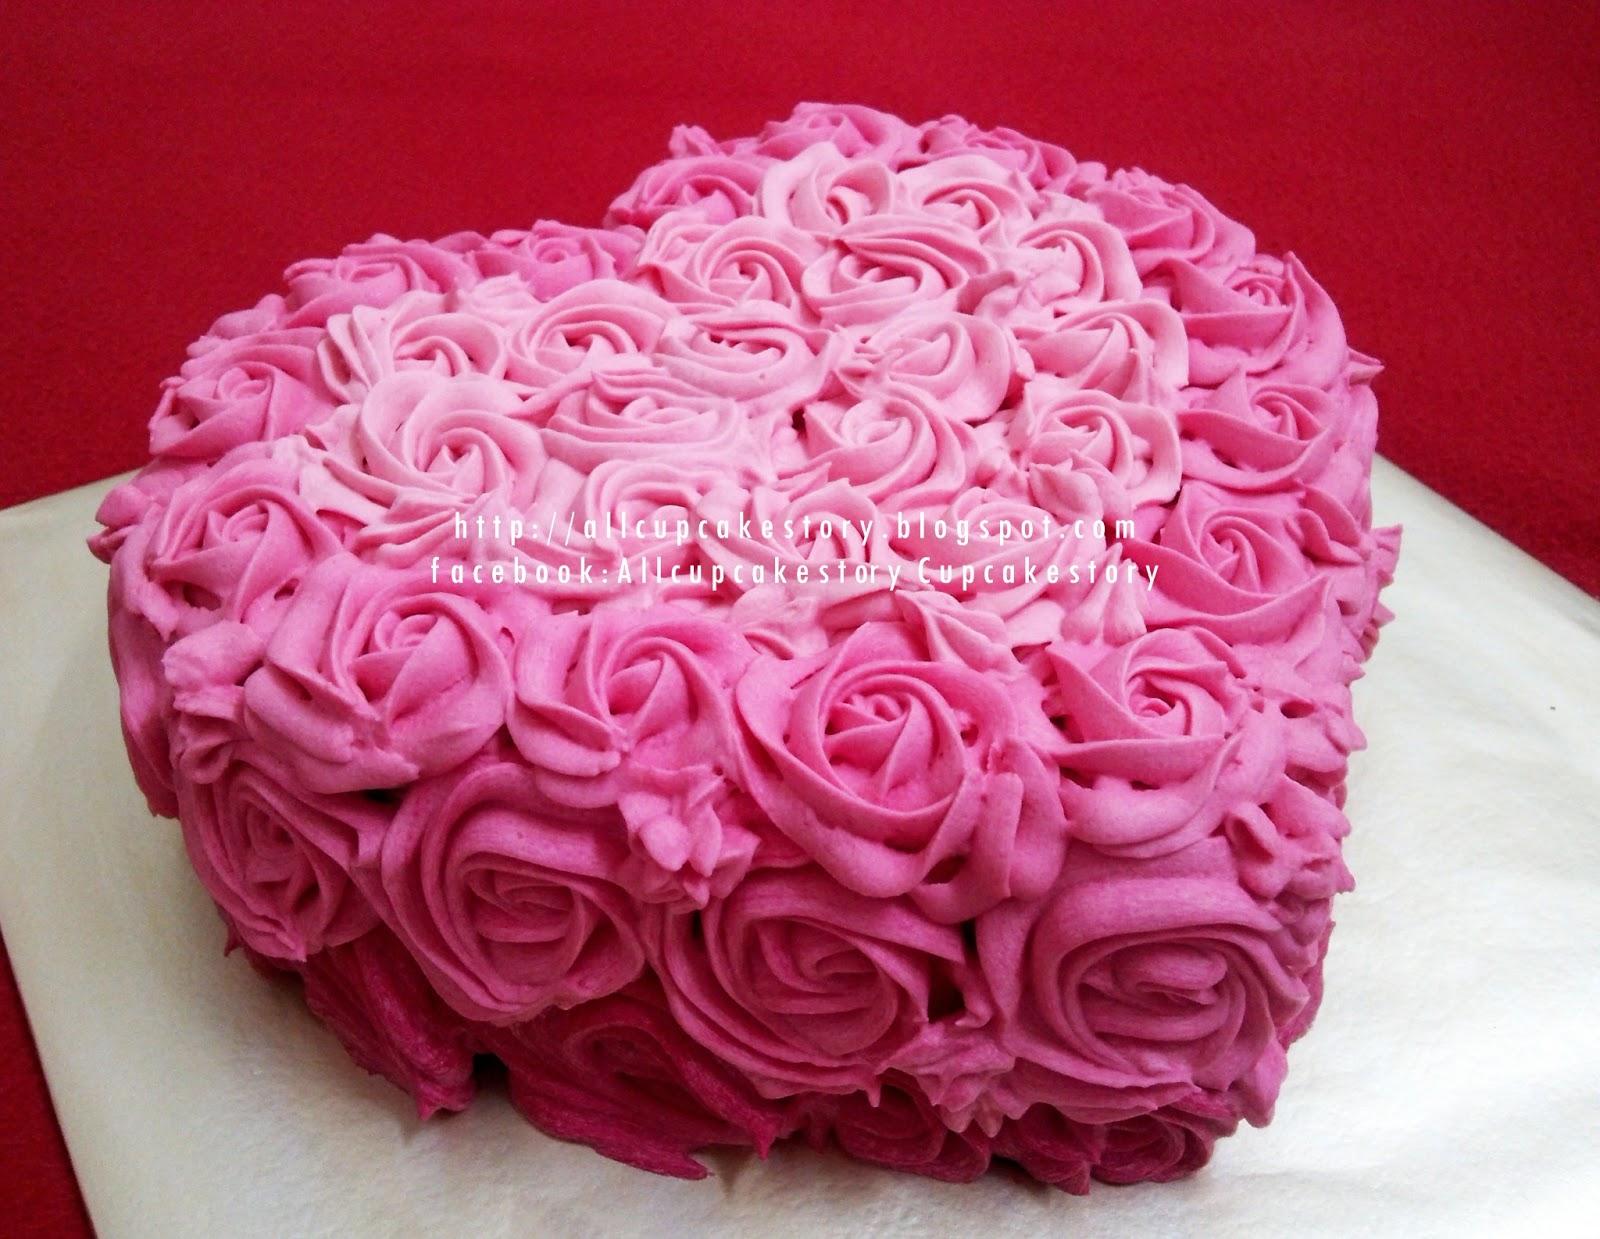 Love Bday Cake Images : allcupcakestory: Rosette Love Birthday Cake